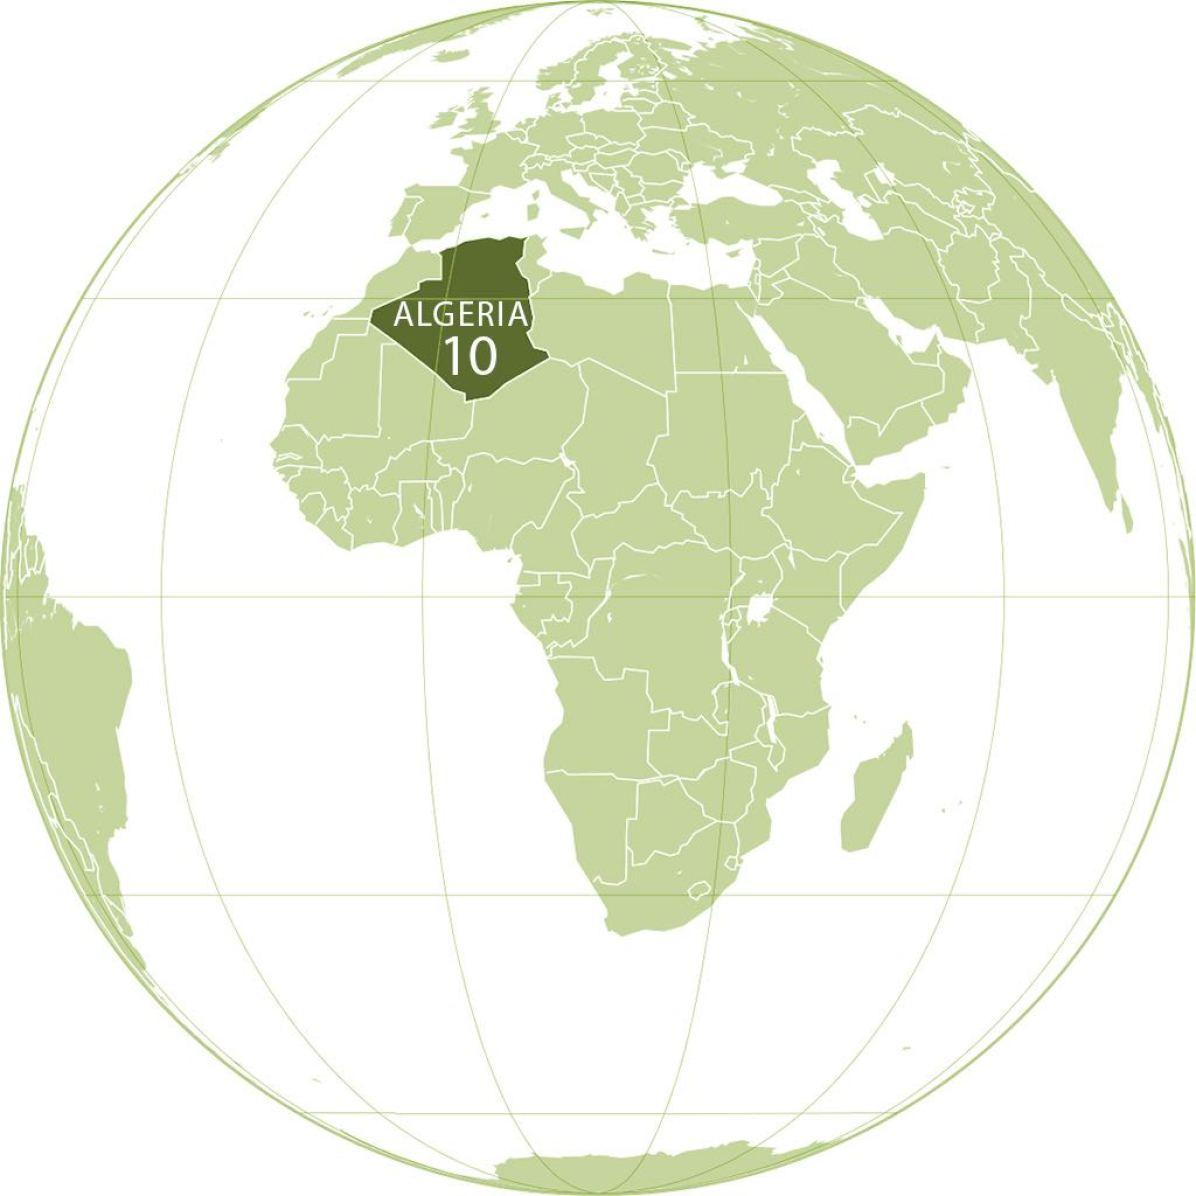 Algeria World Map - by L'Américain/Wikimedia